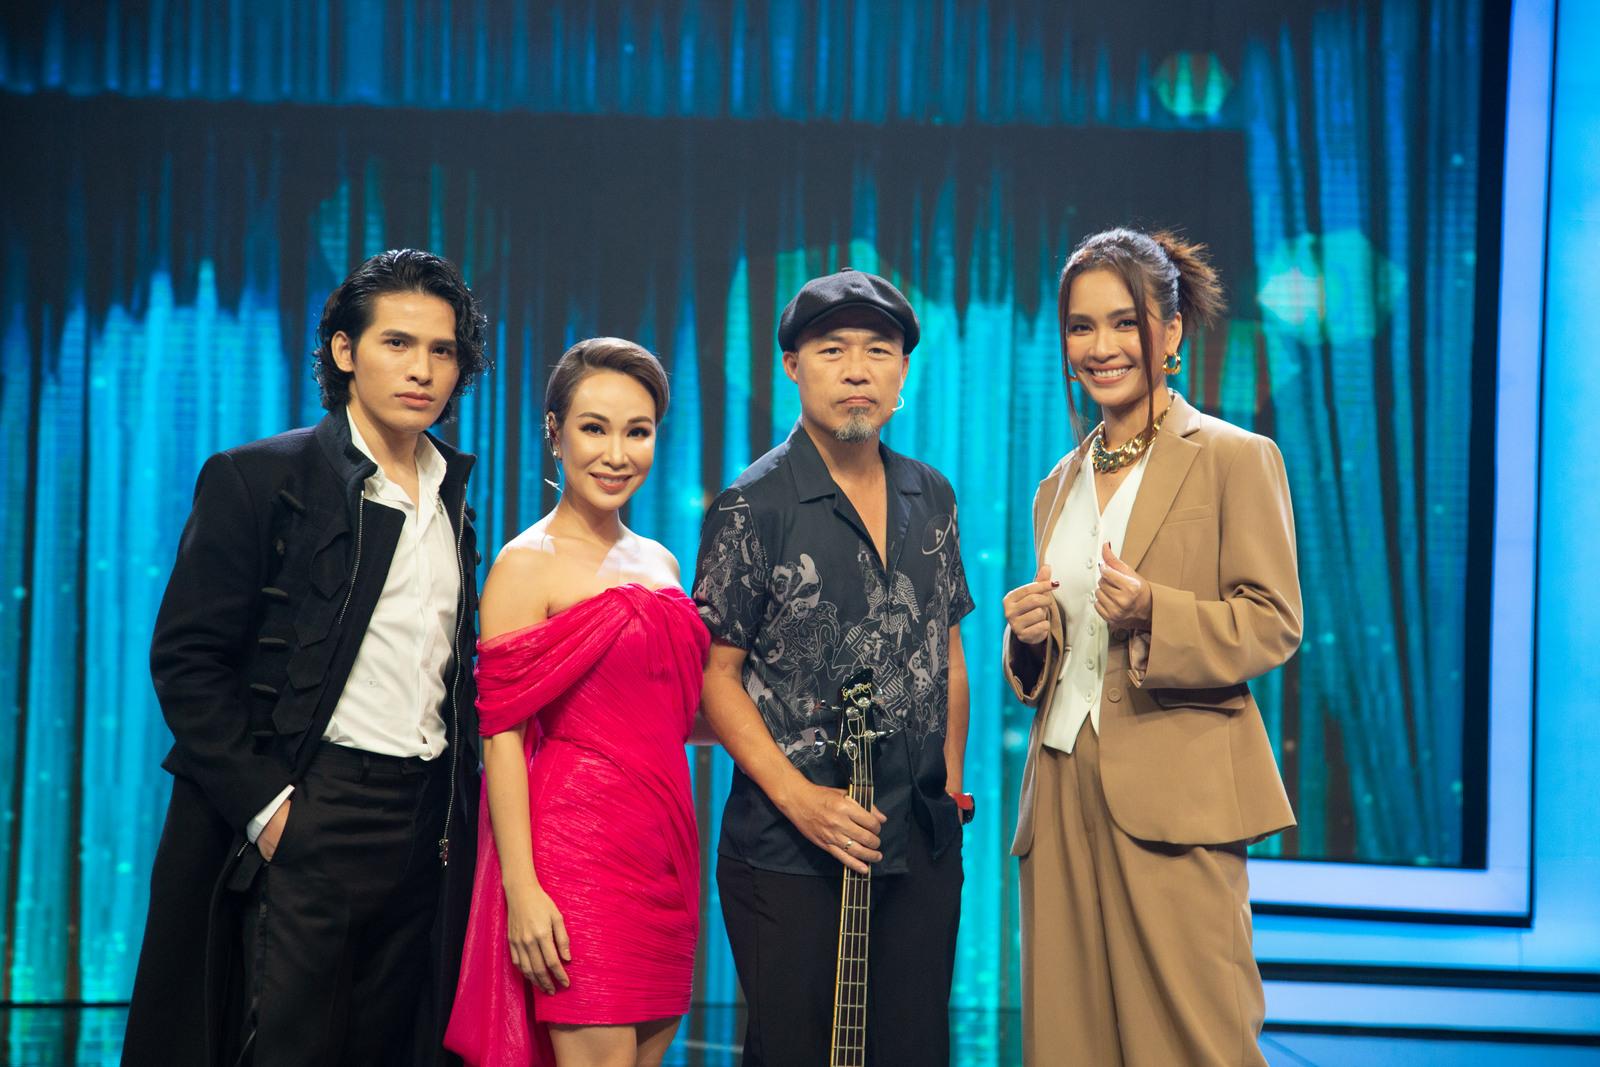 3 đội trưởng và giám đốc âm nhạc Thái Sơn Beatbox, Hữu Thanh Tùng, Kiều Ngân, Ngọc Hồ, Bi Max ... khoe giọng hát trong Trời Sinh Một Cặp mùa 5